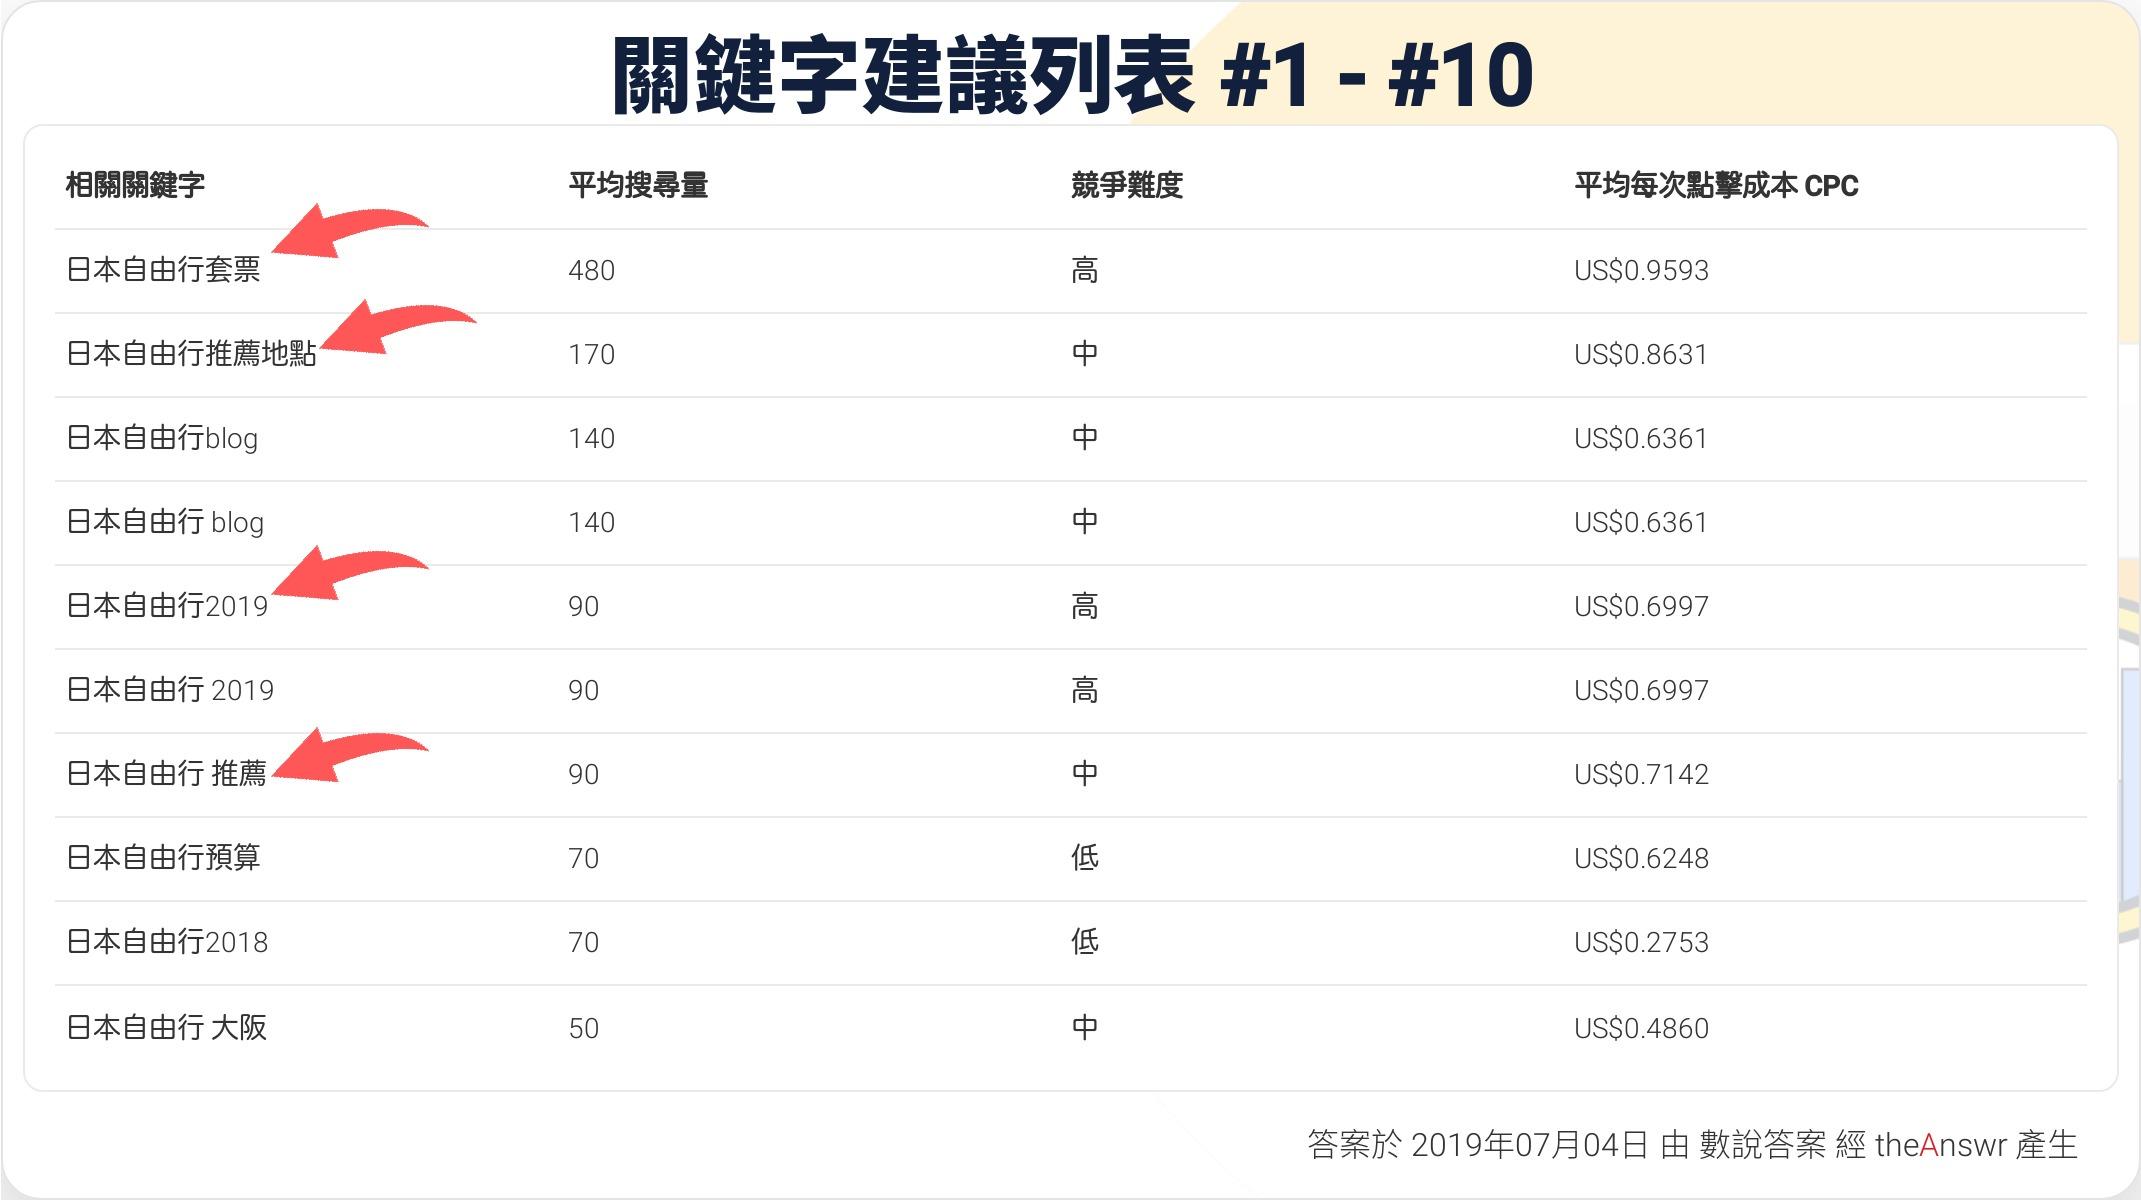 日本自由行-關鍵字建議-增加網站流量